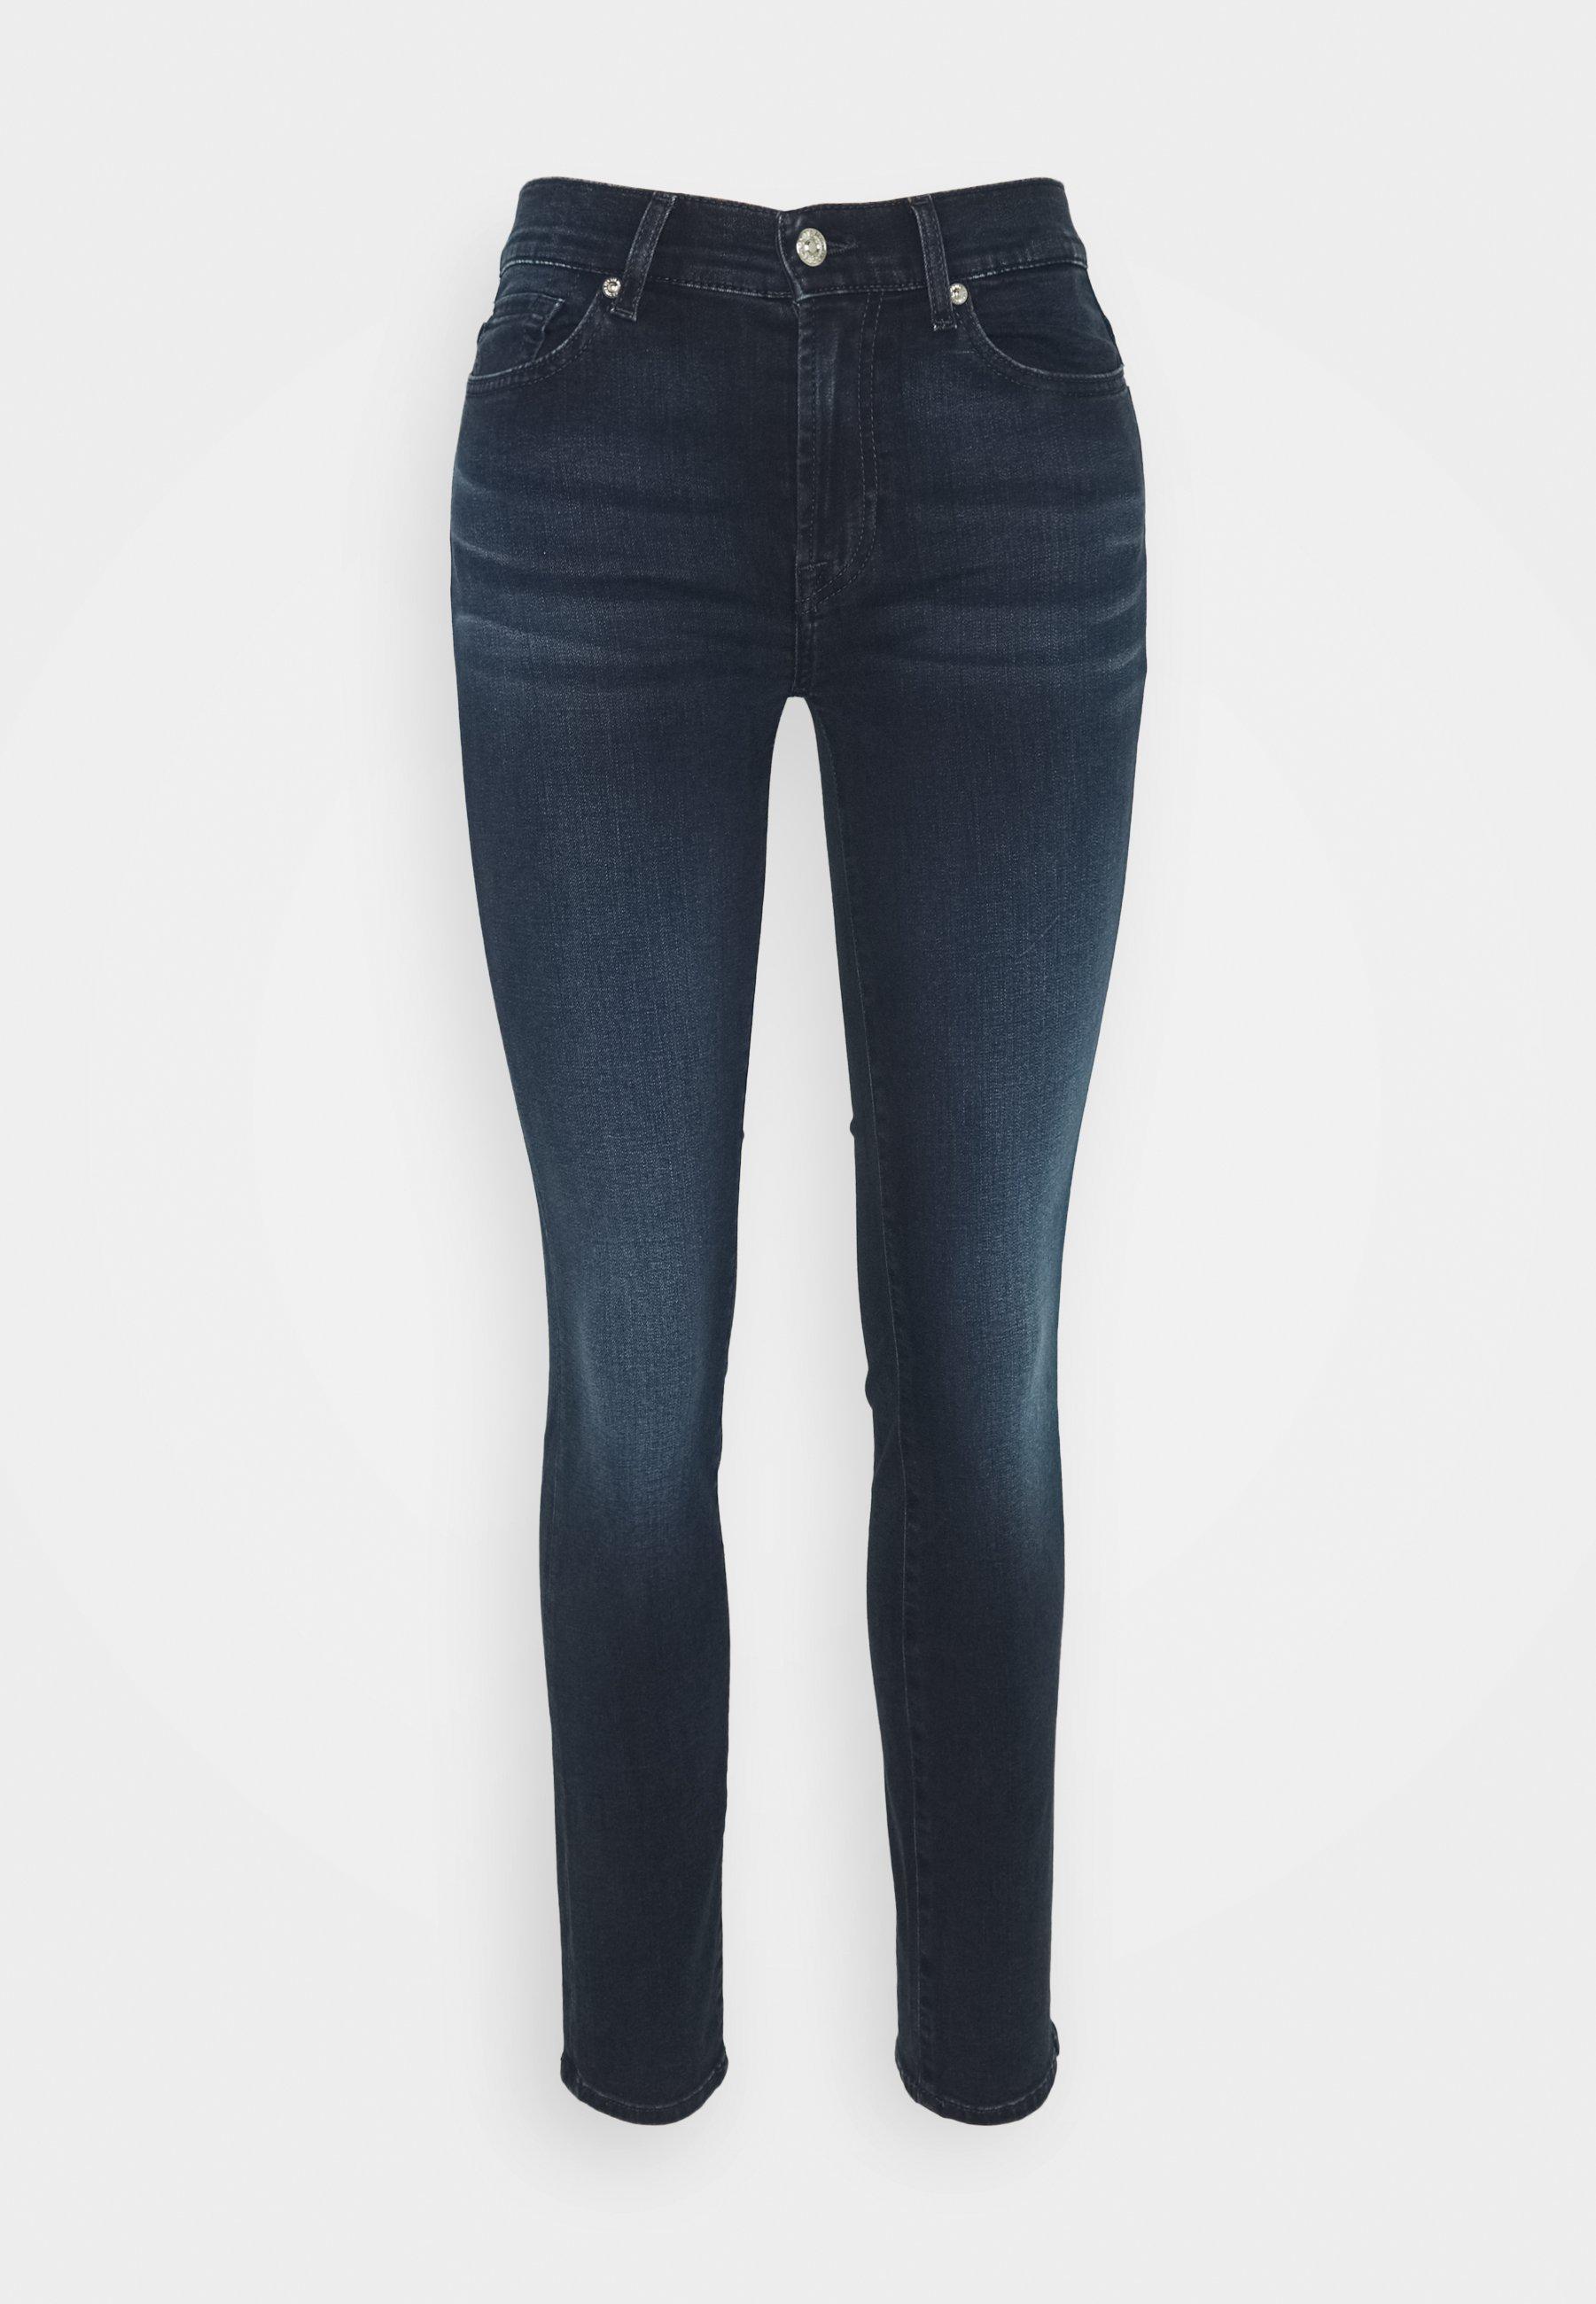 Women ROXANNE BAIR PARK AVENUE - Jeans Skinny Fit